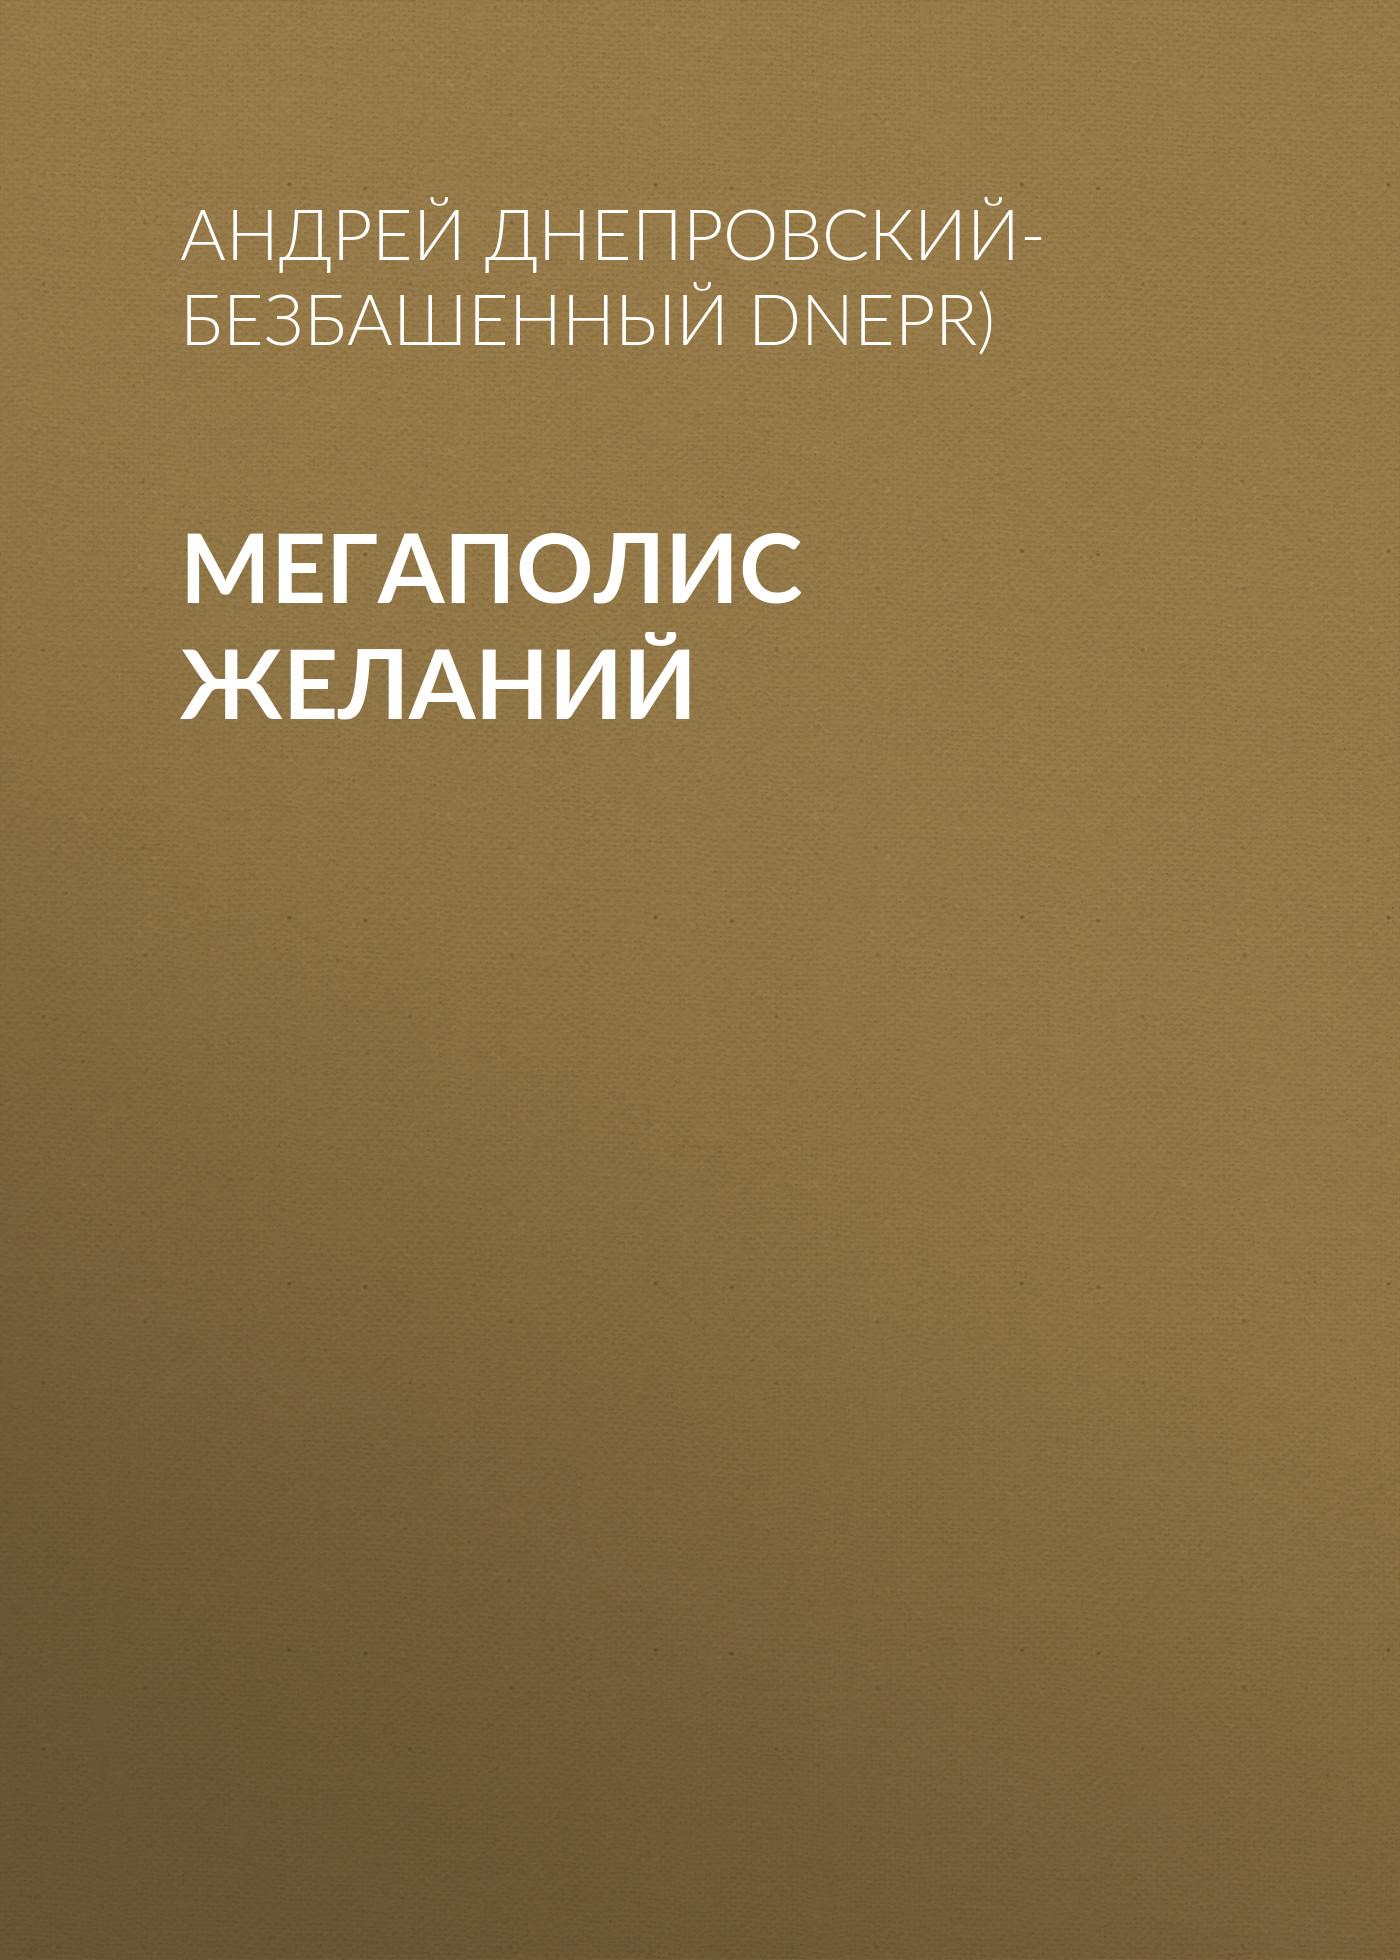 Андрей Днепровский-Безбашенный (A.DNEPR) Мегаполис желаний цена